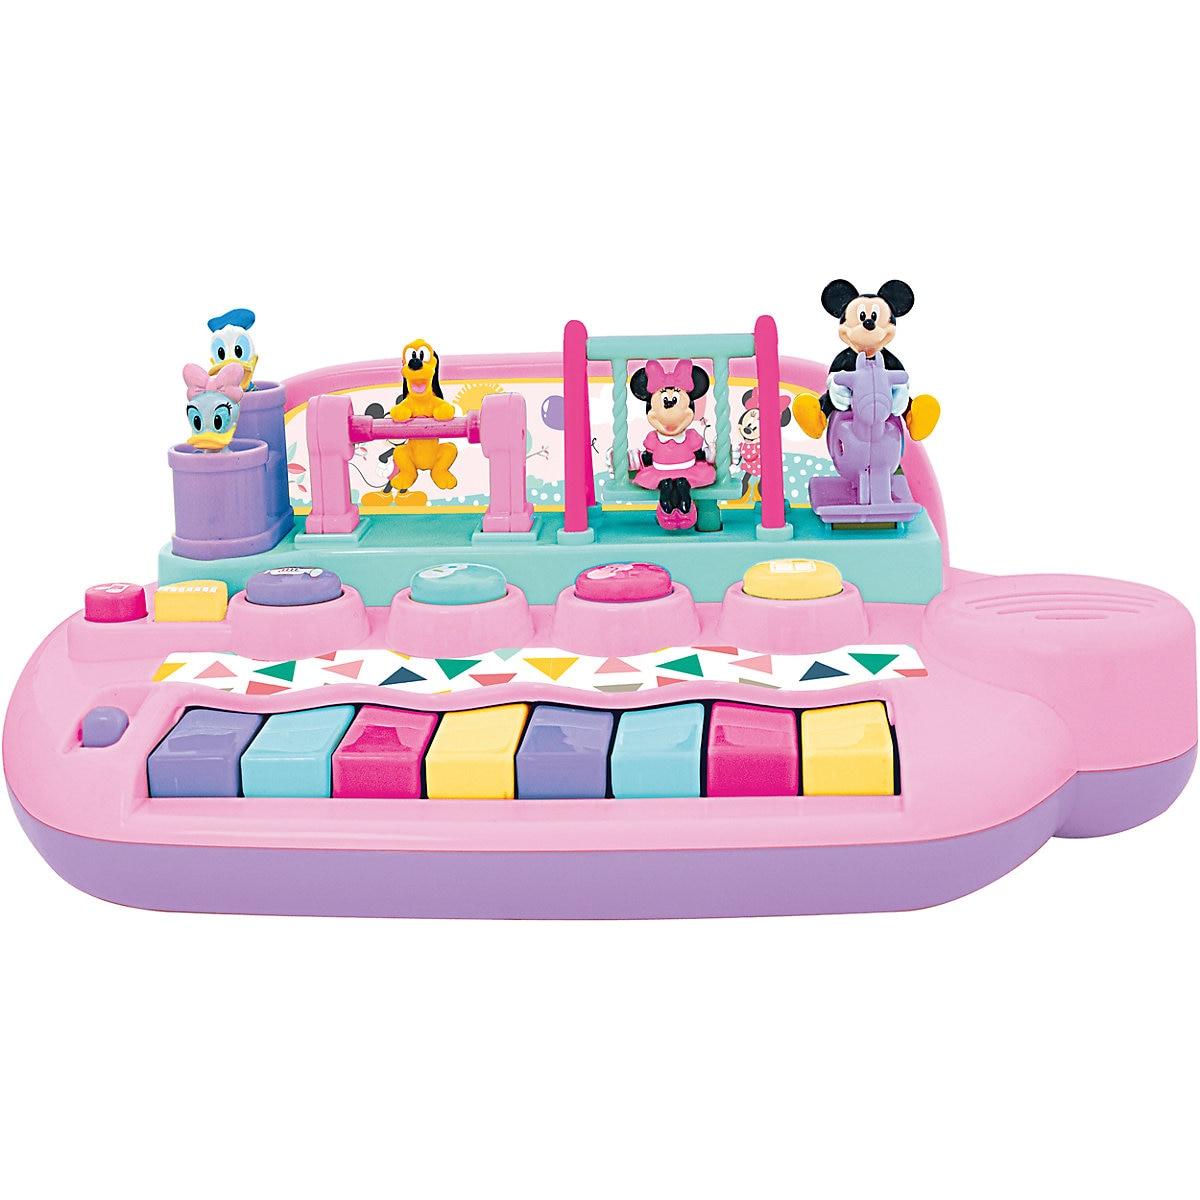 KIDDIELAND jouet Instrument de musique 9508140 apprentissage éducation bizybord jouet jeux MTpromo